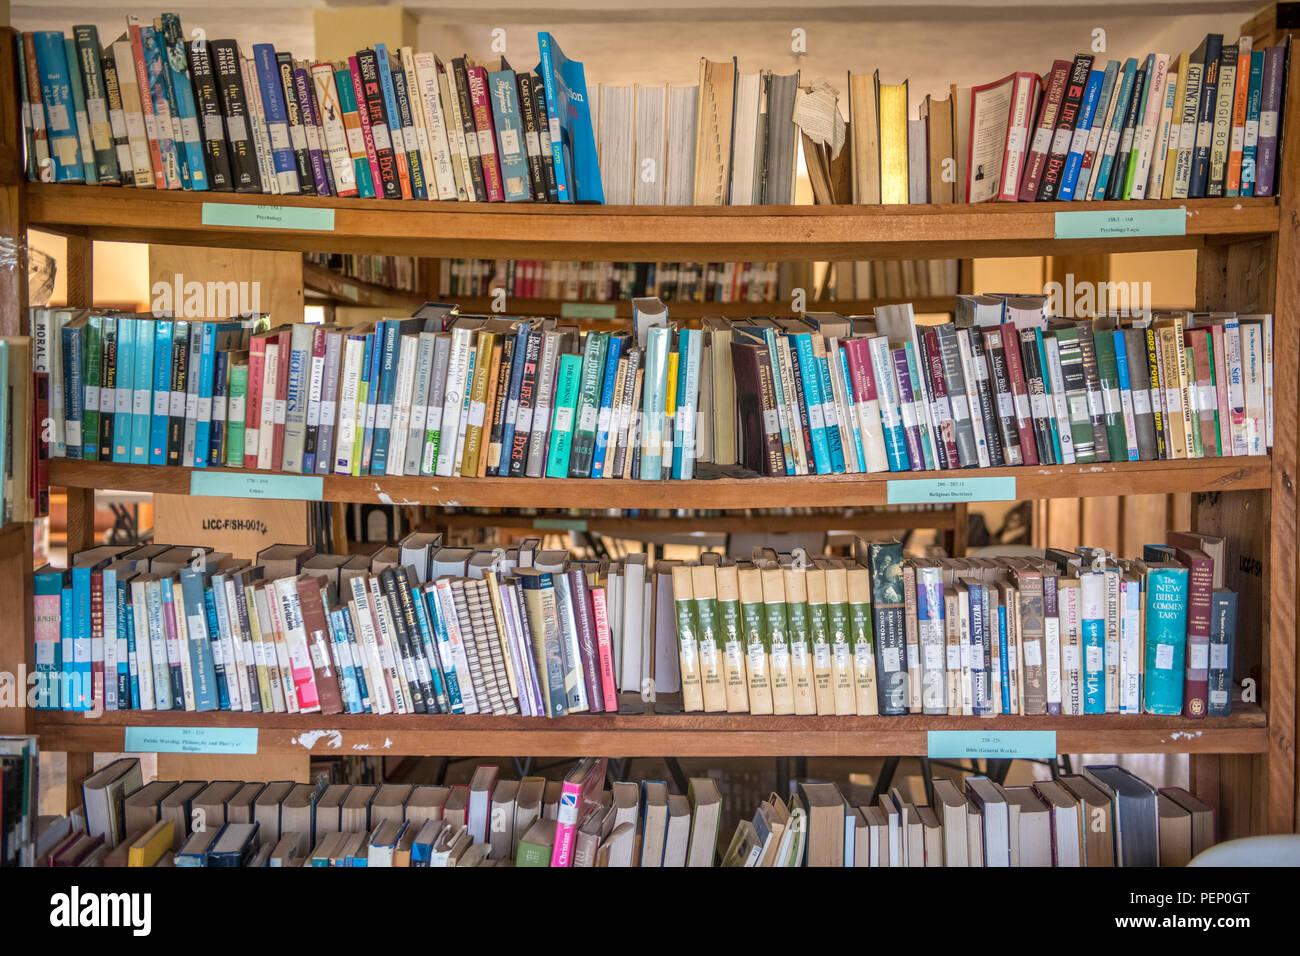 A Full Frame Of Bookshelves Full Of Books In Ganta Liberia Stock